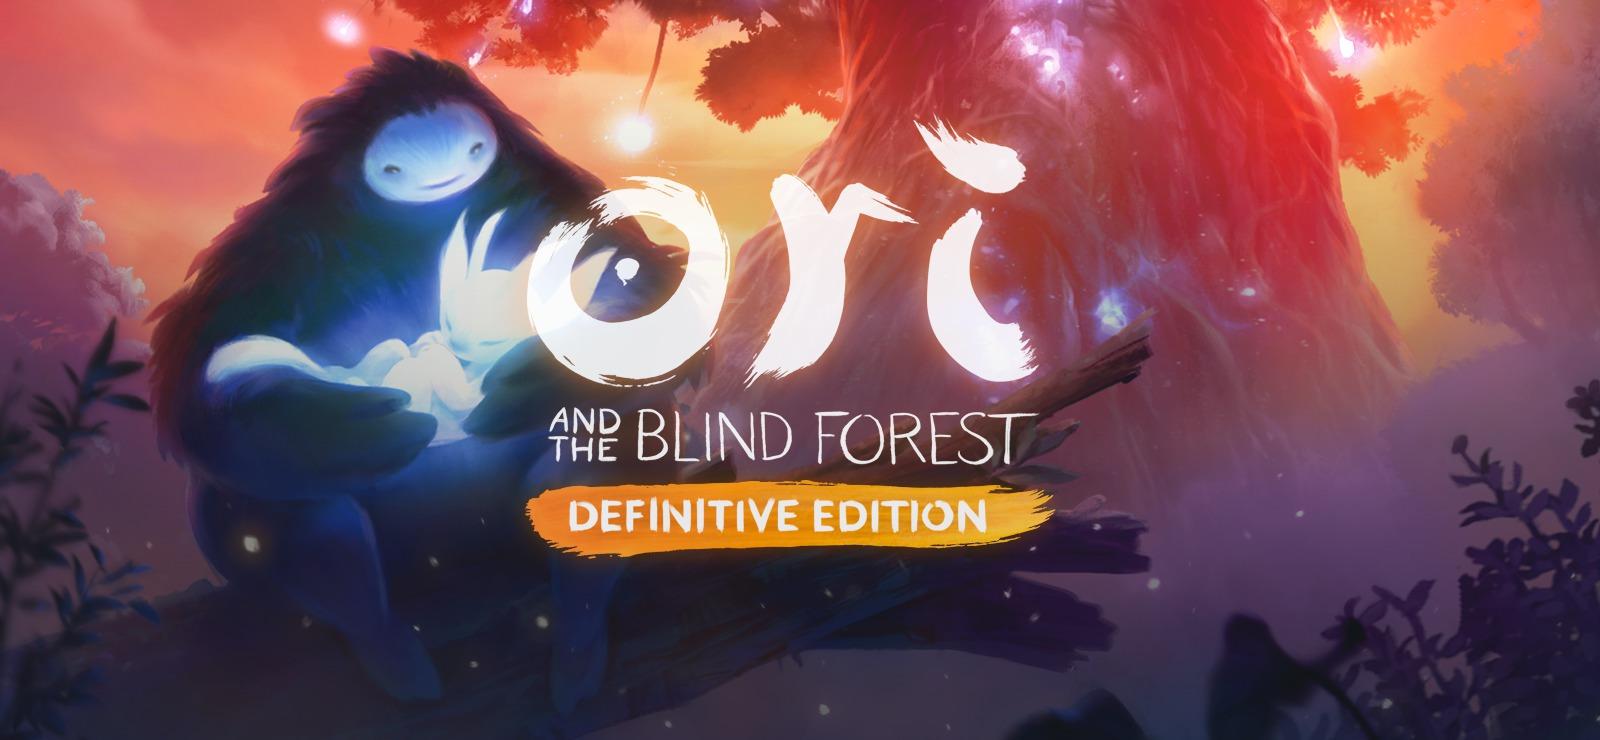 Studio Ghibli e Disney si incontrano in un videogioco: Ori and the Blind Forest